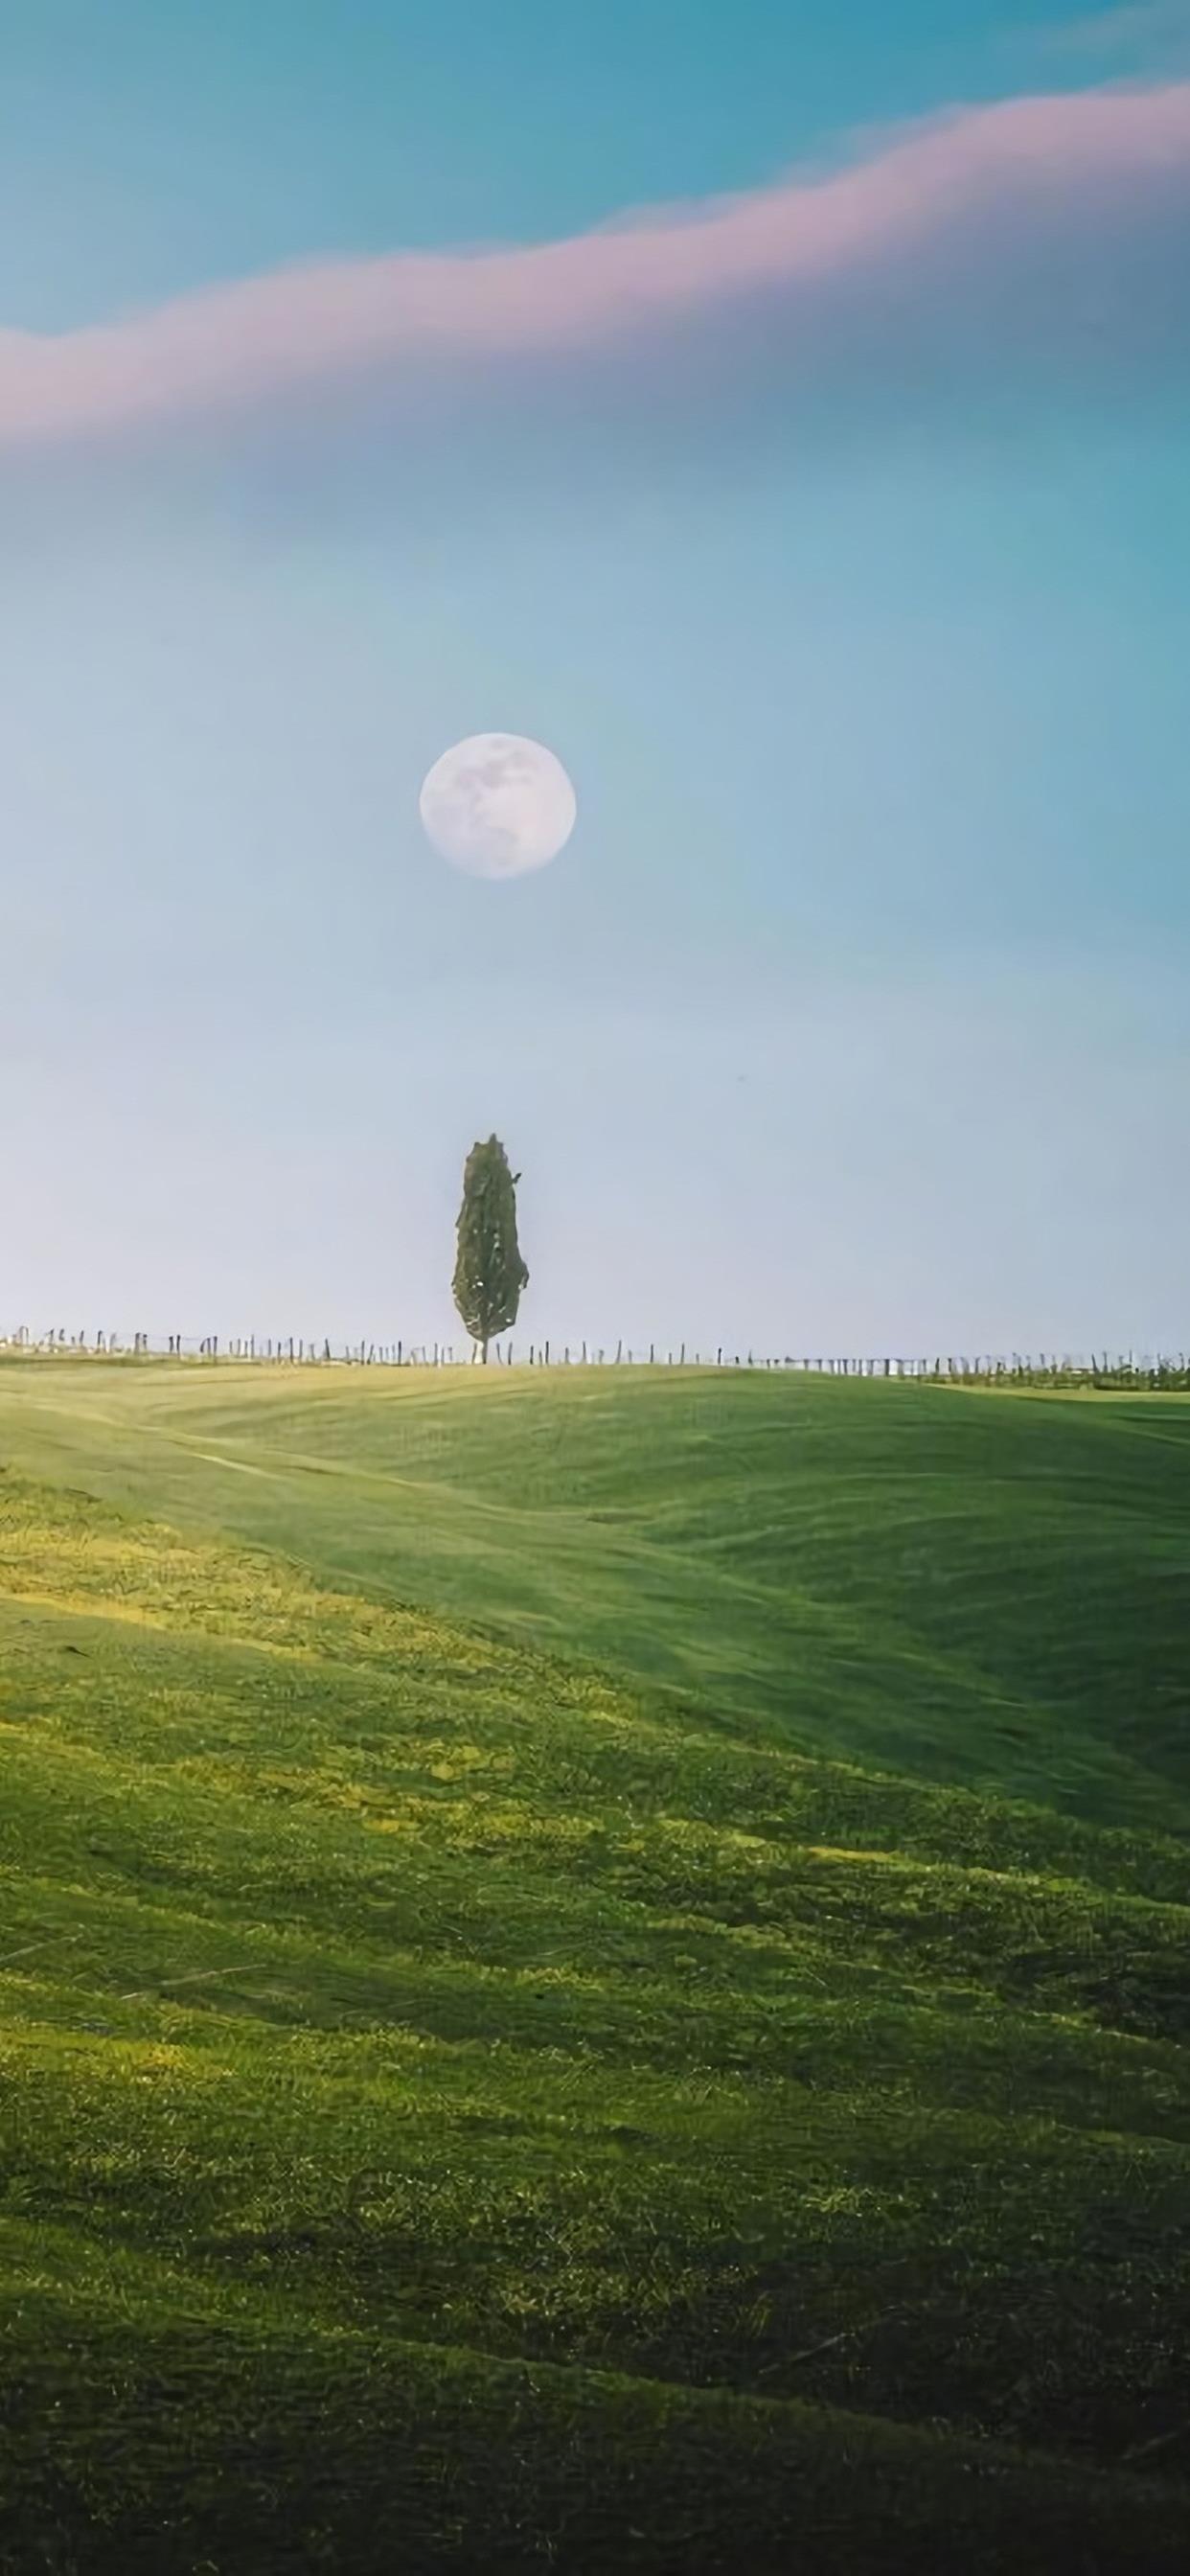 青山绿水田园风景高清护眼壁纸